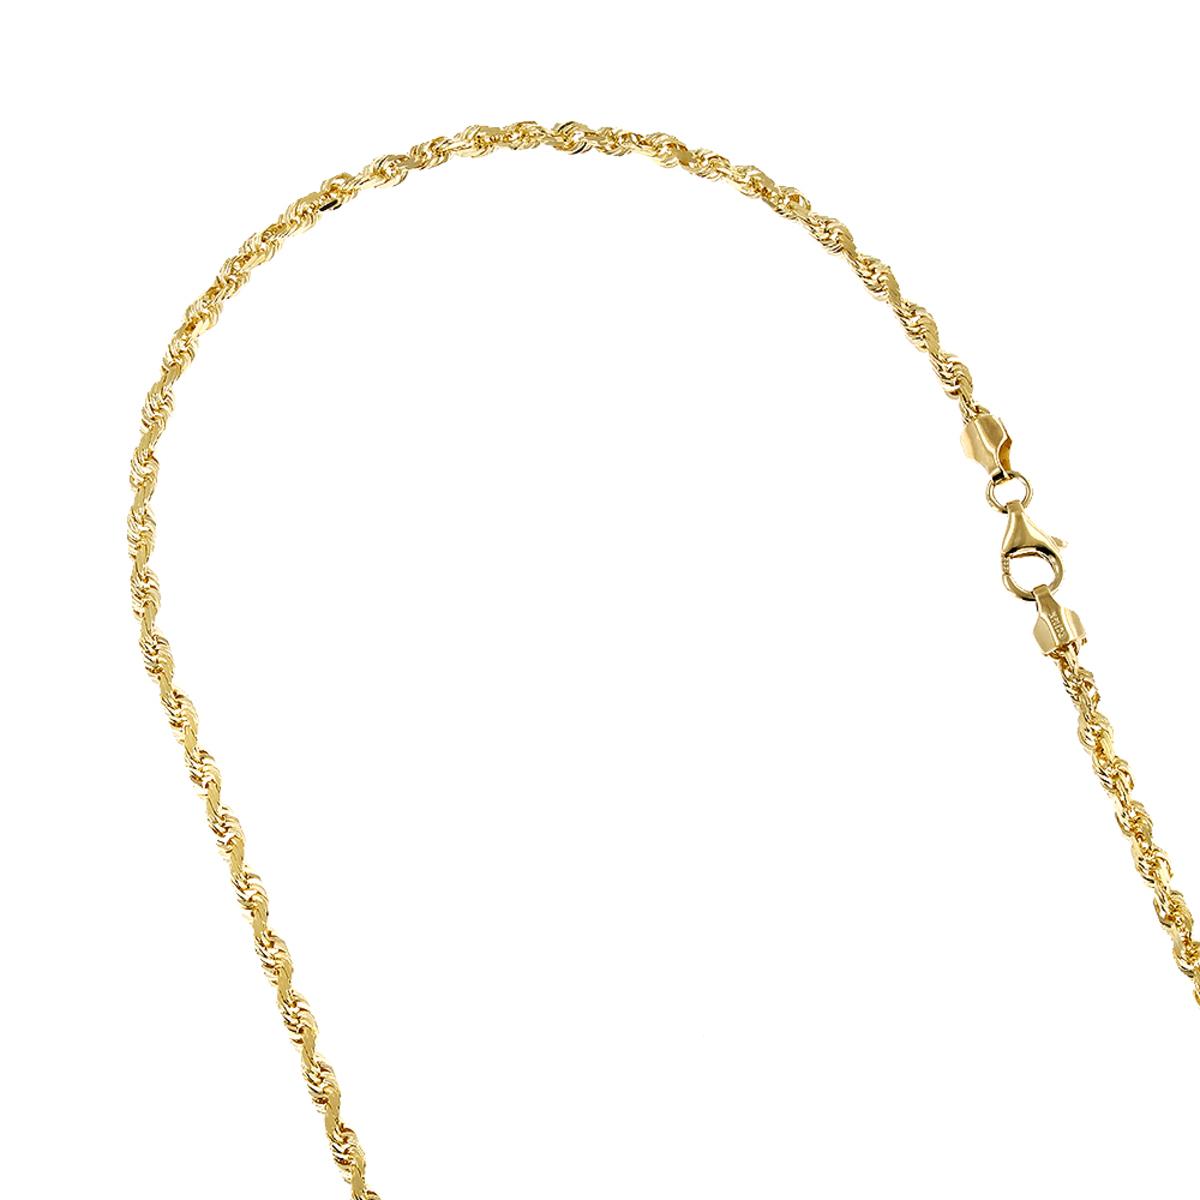 LUXURMAN Solid 14k Gold Rope Chain For Men & Women Diamond Cut 4mm